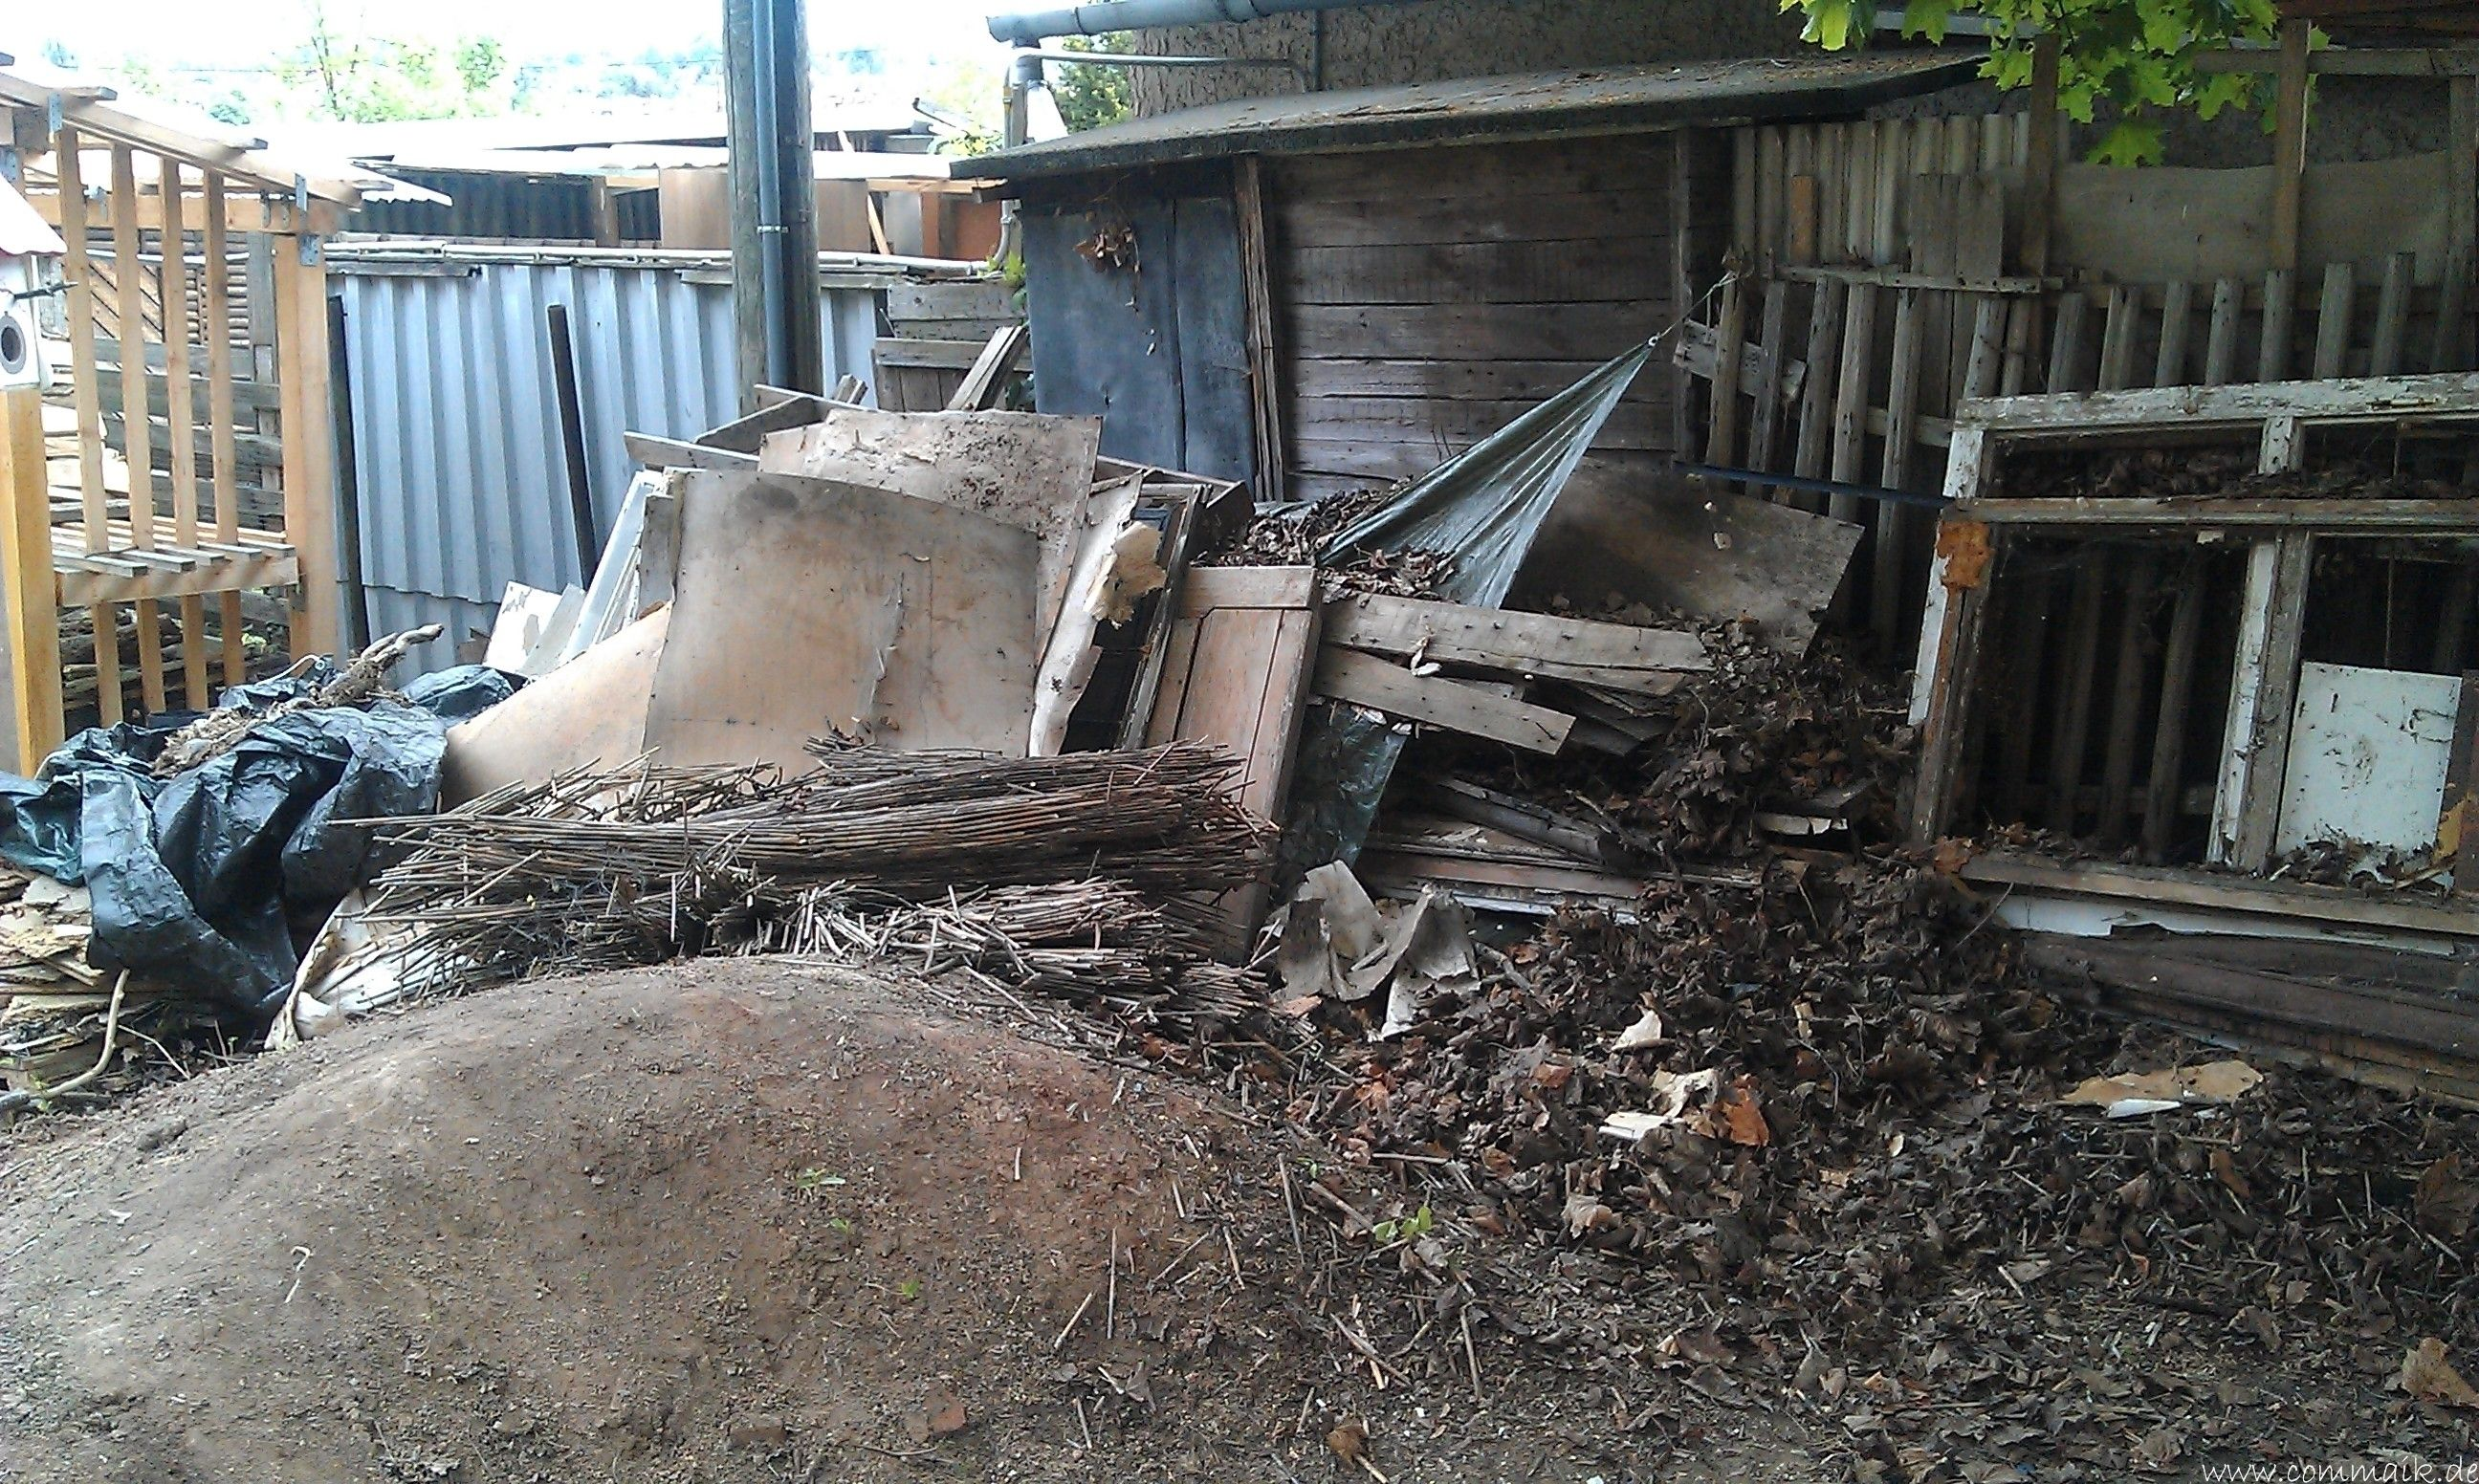 Das zweite Brennholzregal entsteht Brennholzregal